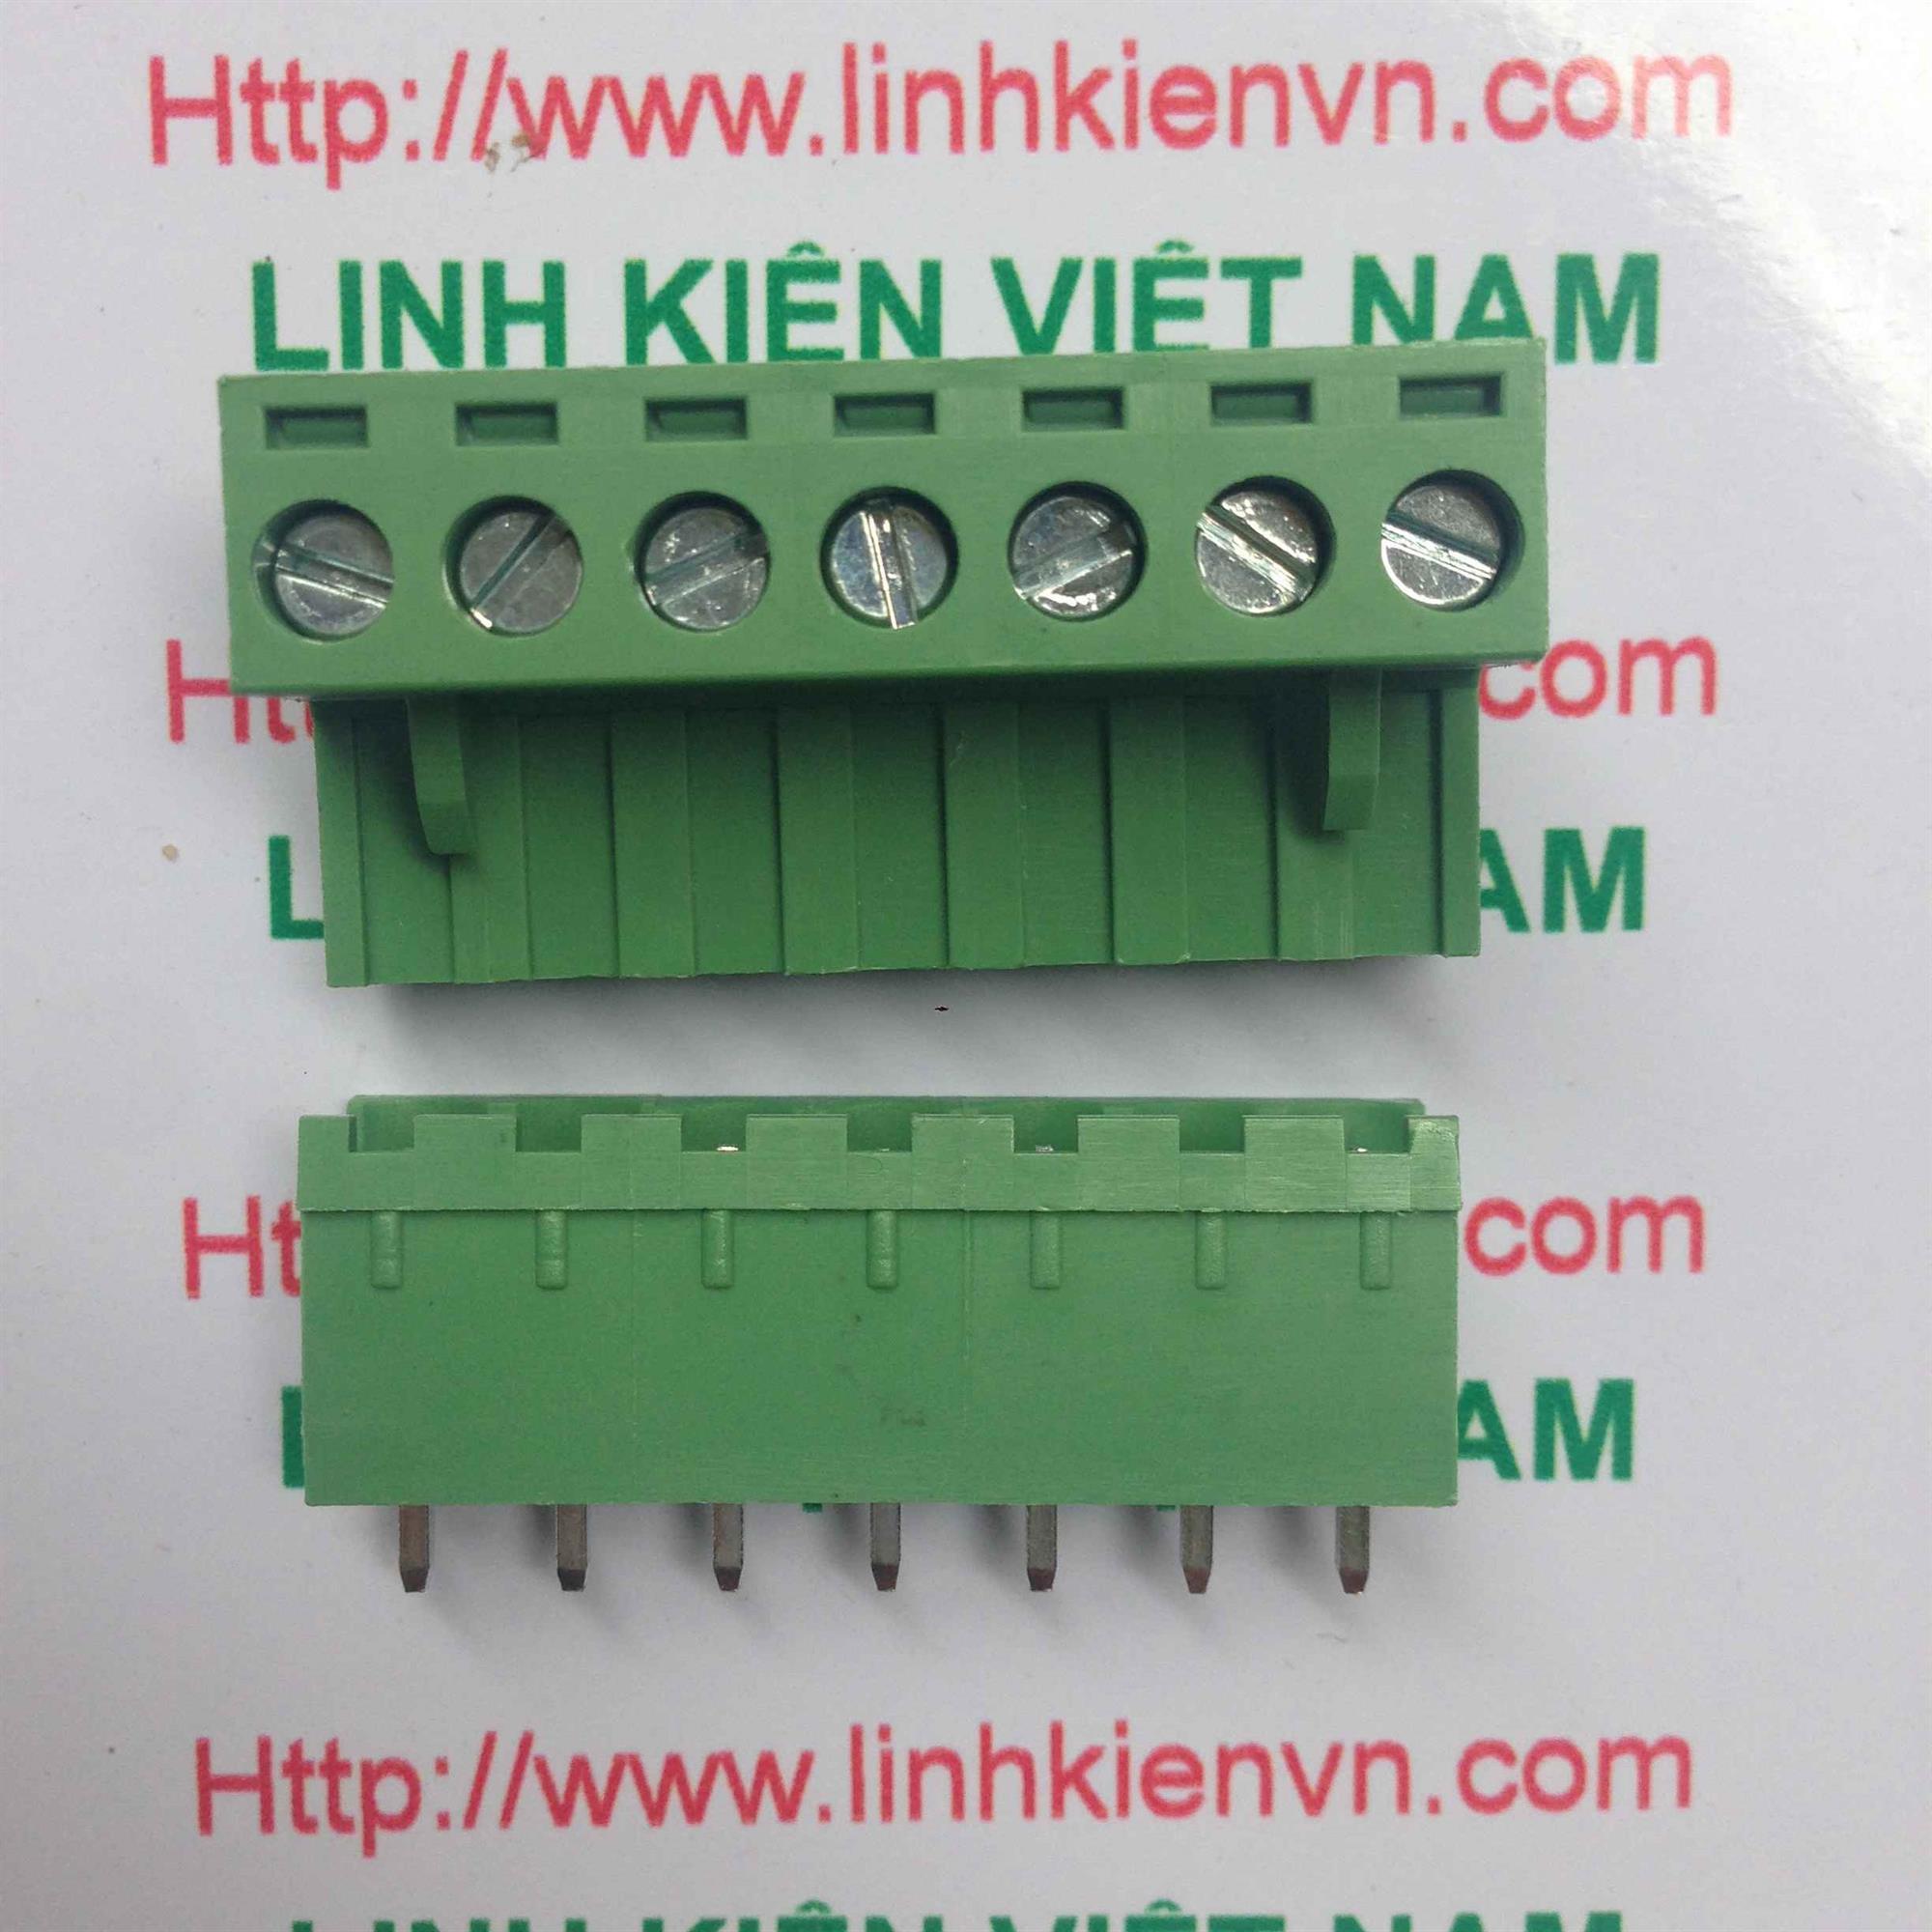 Cầu đấu 7 5.08mm EDG5.08-7P THẲNG - D8H6